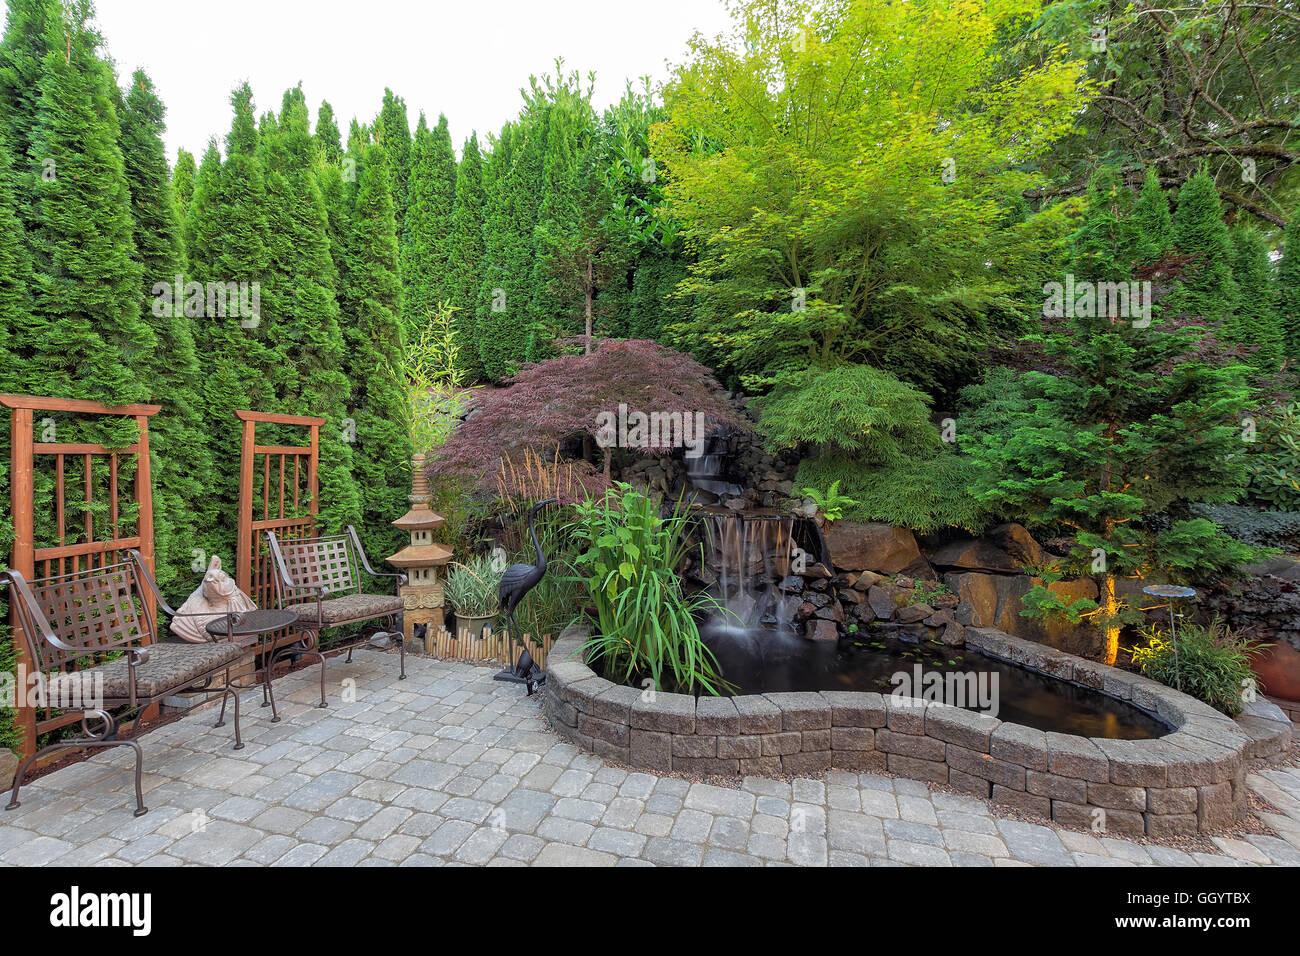 Laghetto Con Cascata Da Giardino : Cortile paesaggistico giardino con laghetto cascata alberi piante